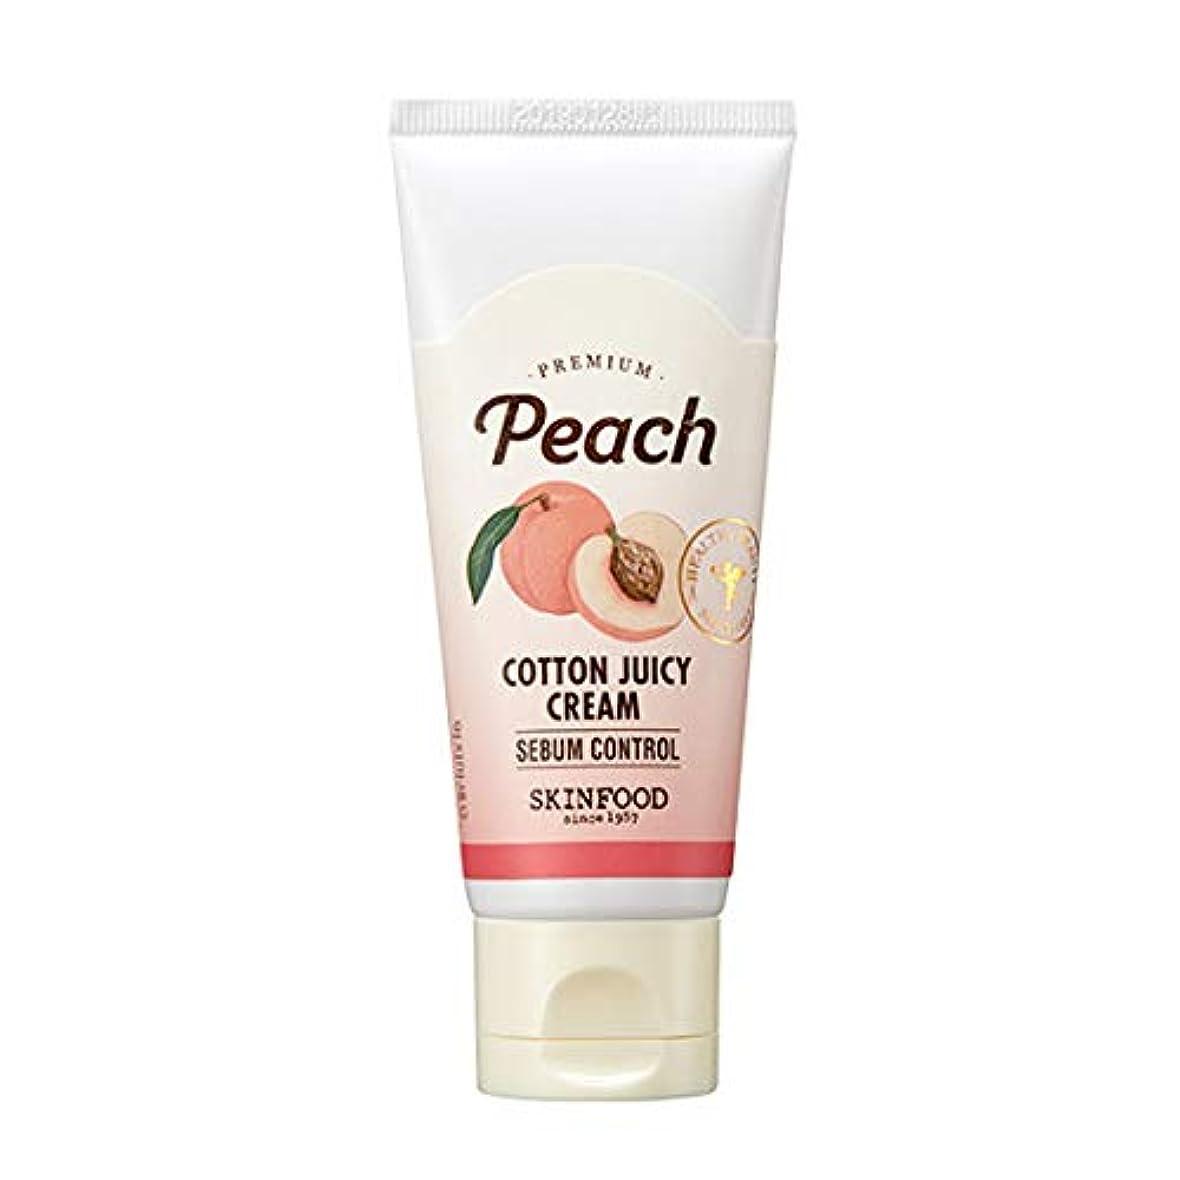 アルコール奇跡的な概念Skinfood プレミアムピーチコットンジューシークリーム/Premium Peach Cotton Juicy Cream 60ml [並行輸入品]